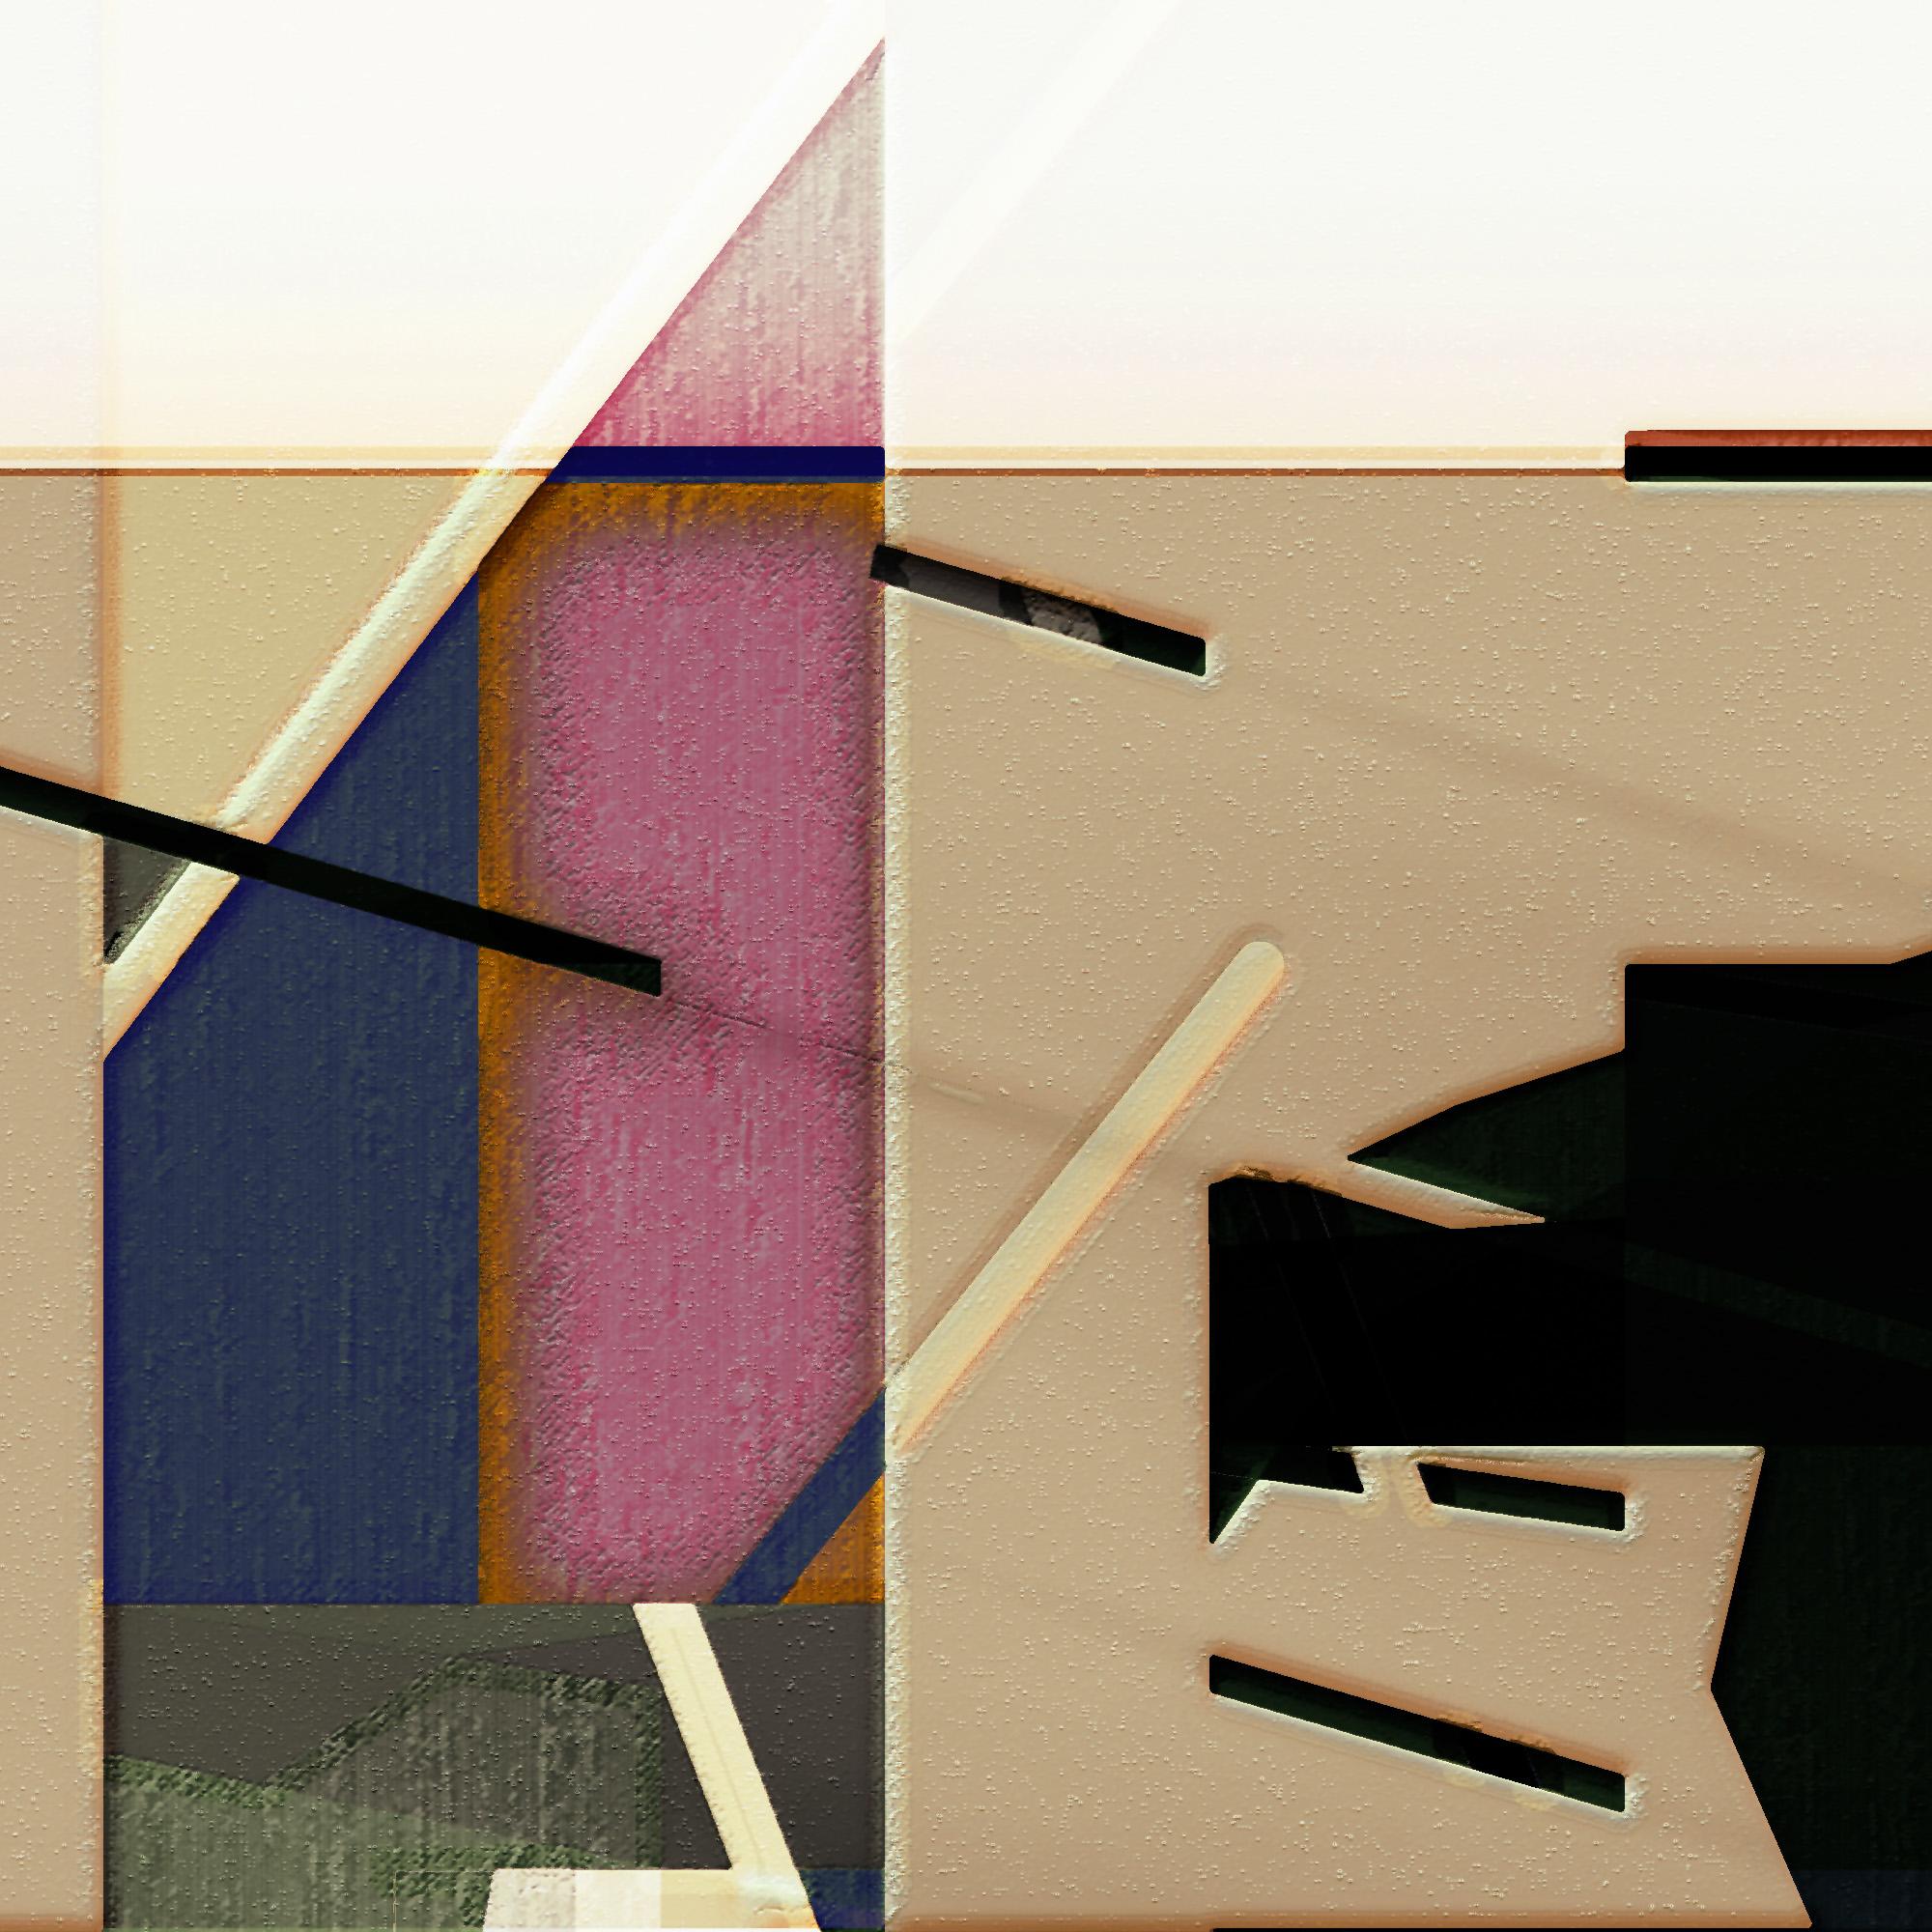 180704_Judgement_Detail2.jpg